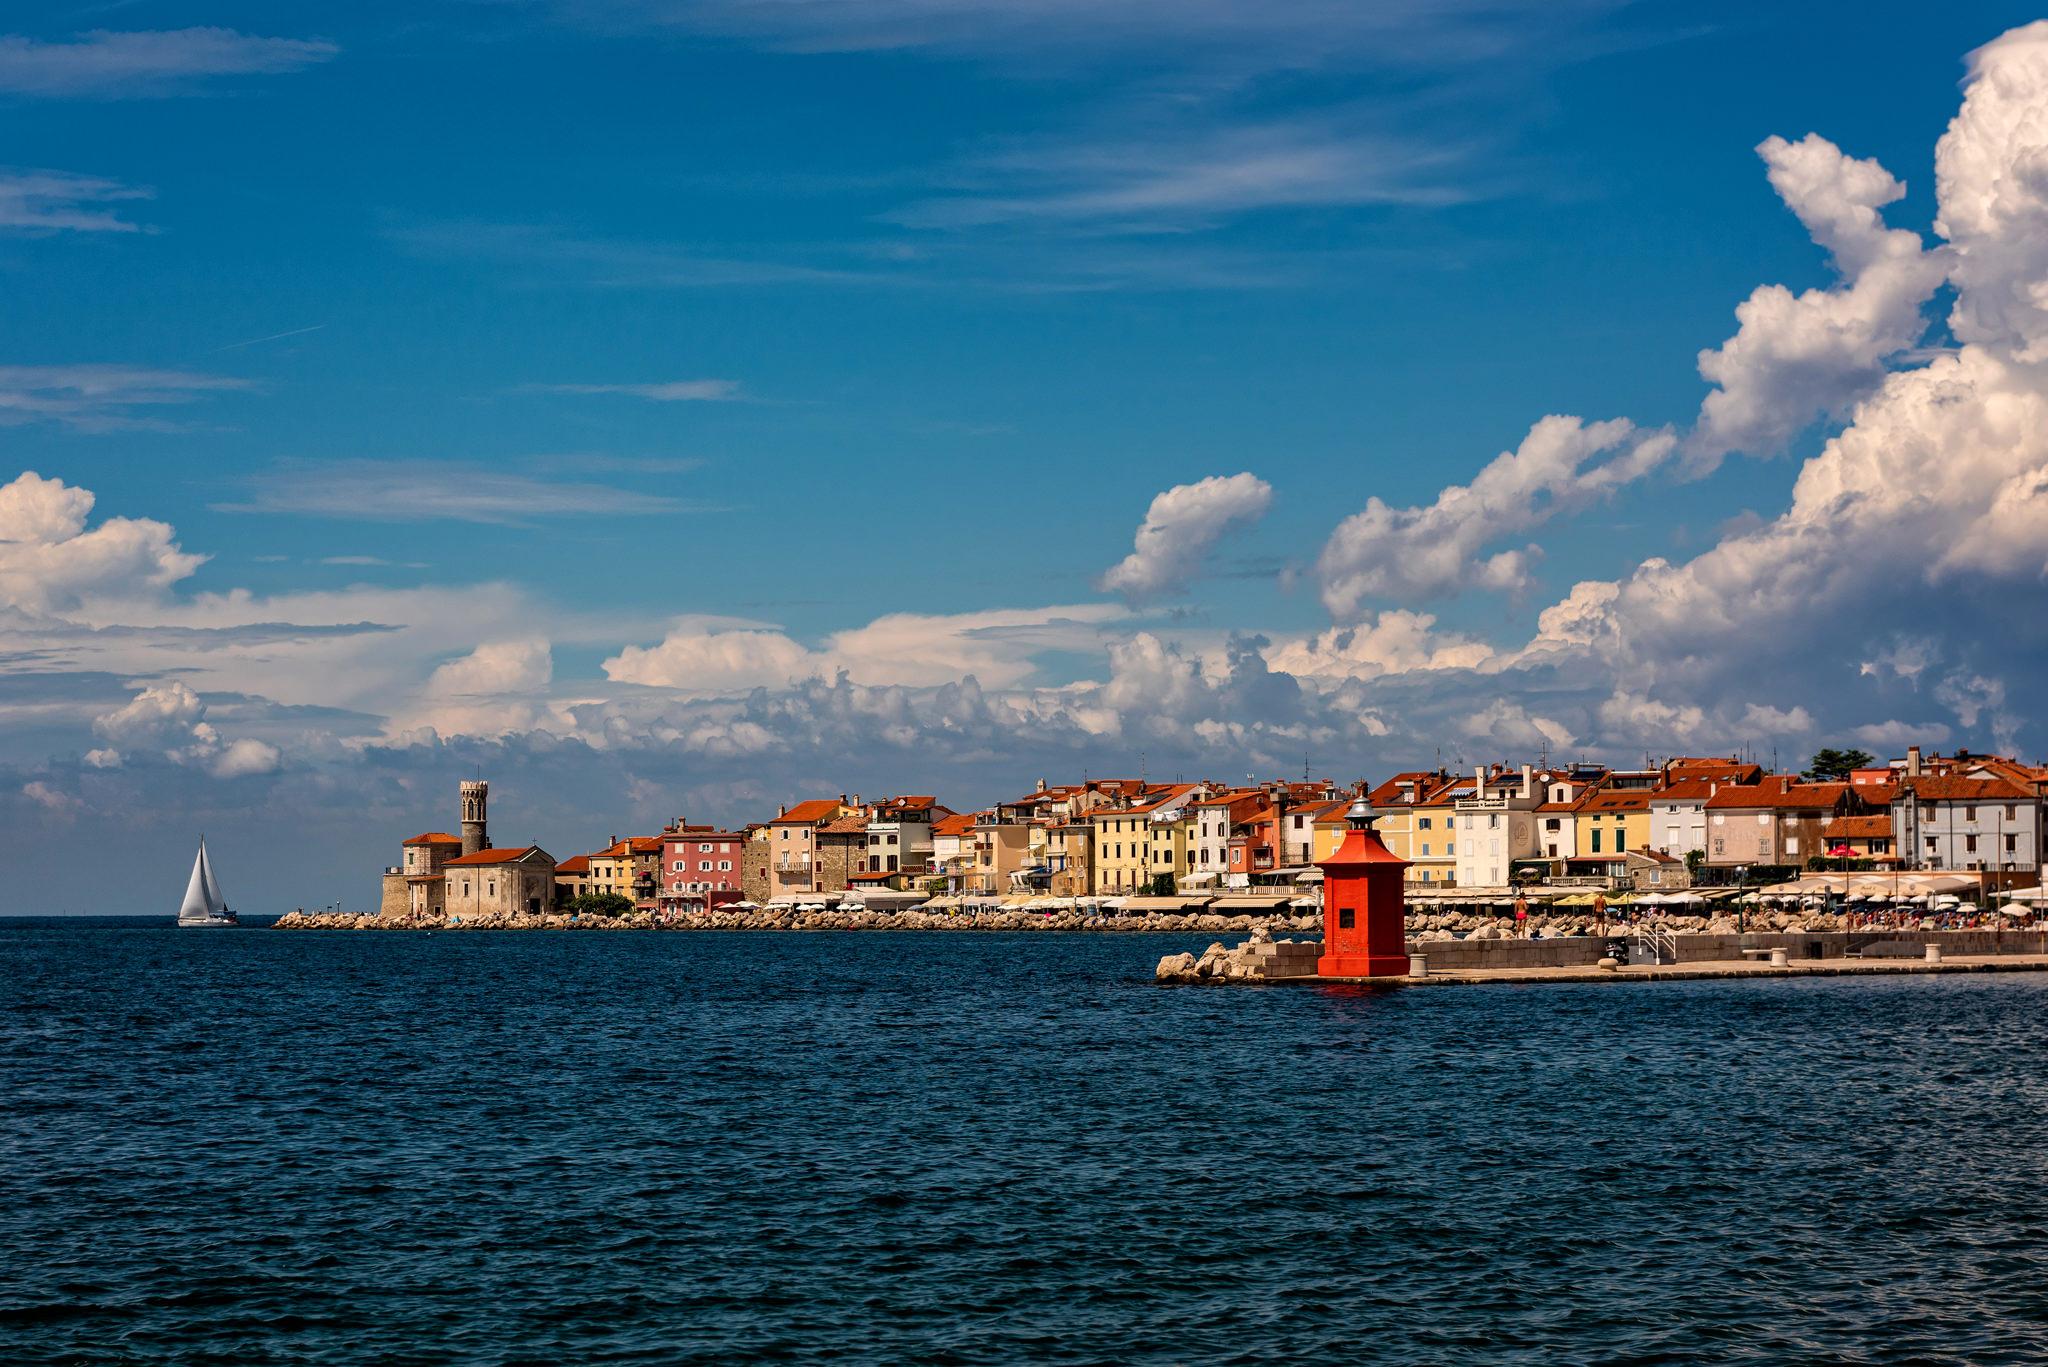 Destinatii Turistice Slovenia - Orasul Piran in Slovenia